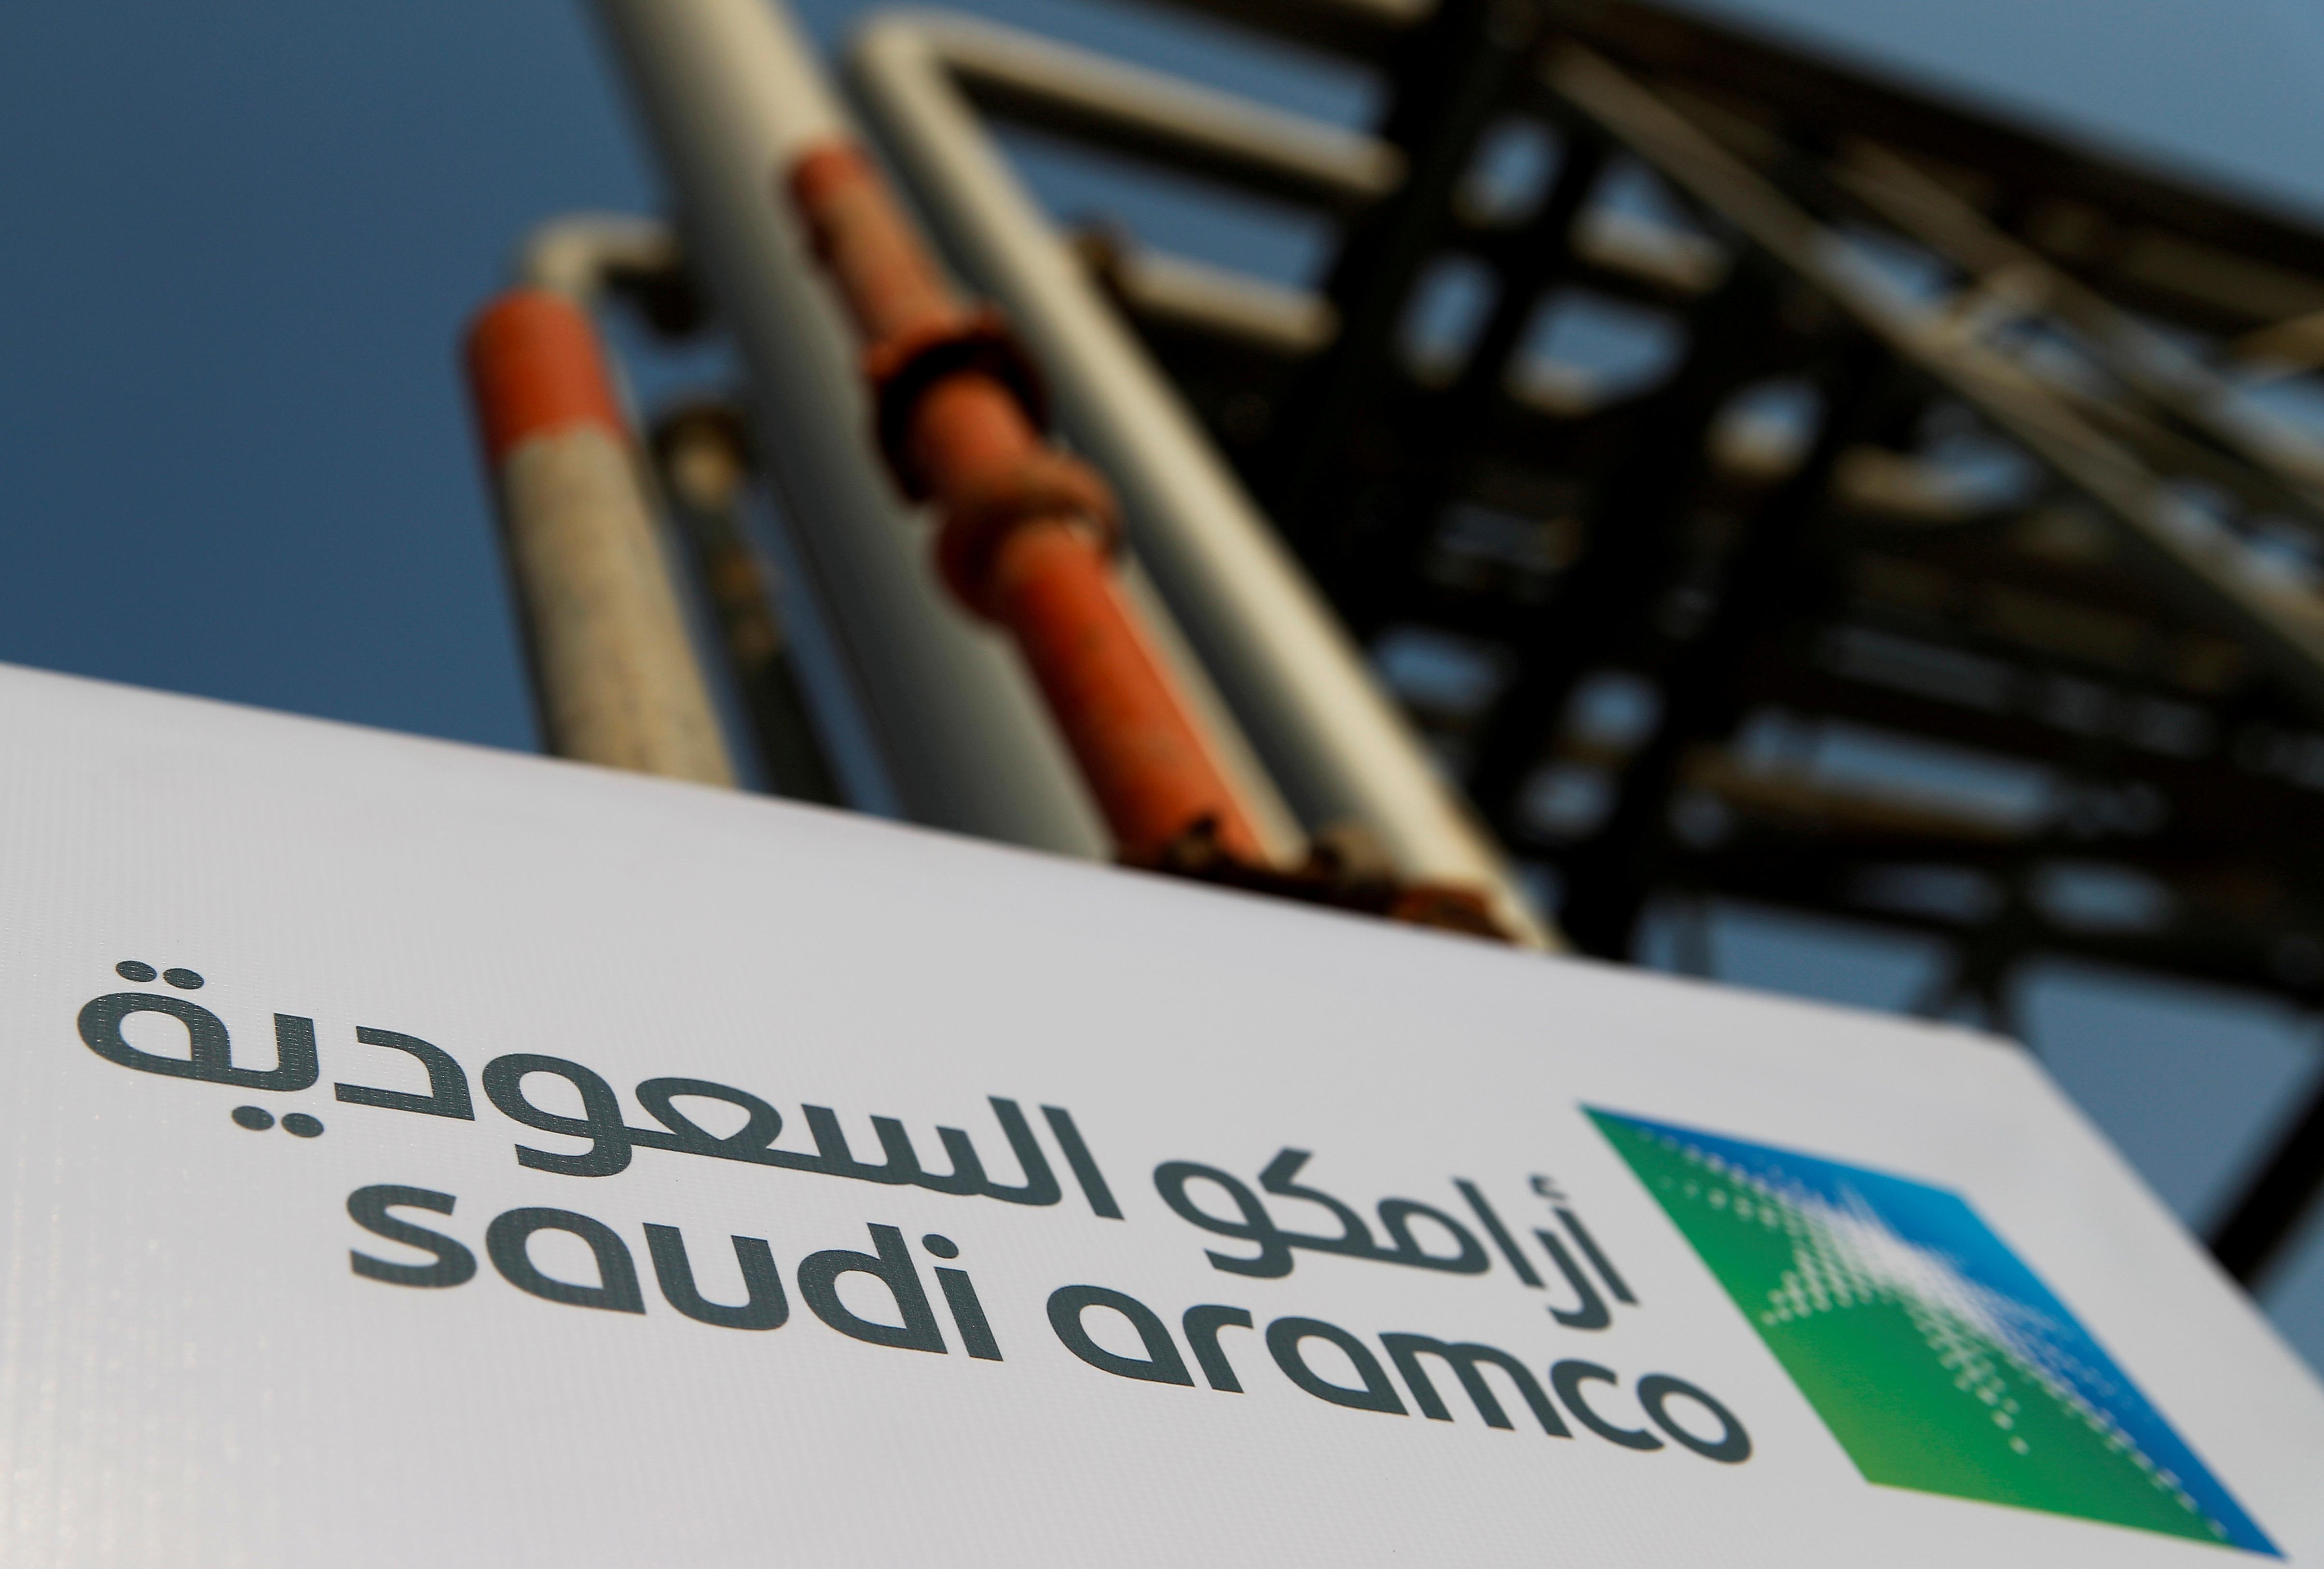 L'Arabie saoudite espère lever de 20 milliards à 40 milliards de dollars (18 milliards d'euros à 36 milliards d'euros) en plaçant en bourse de Ryad 1% à 2% du capital de sa compagnie pétrolière, dit-on de sources au fait du dossier.